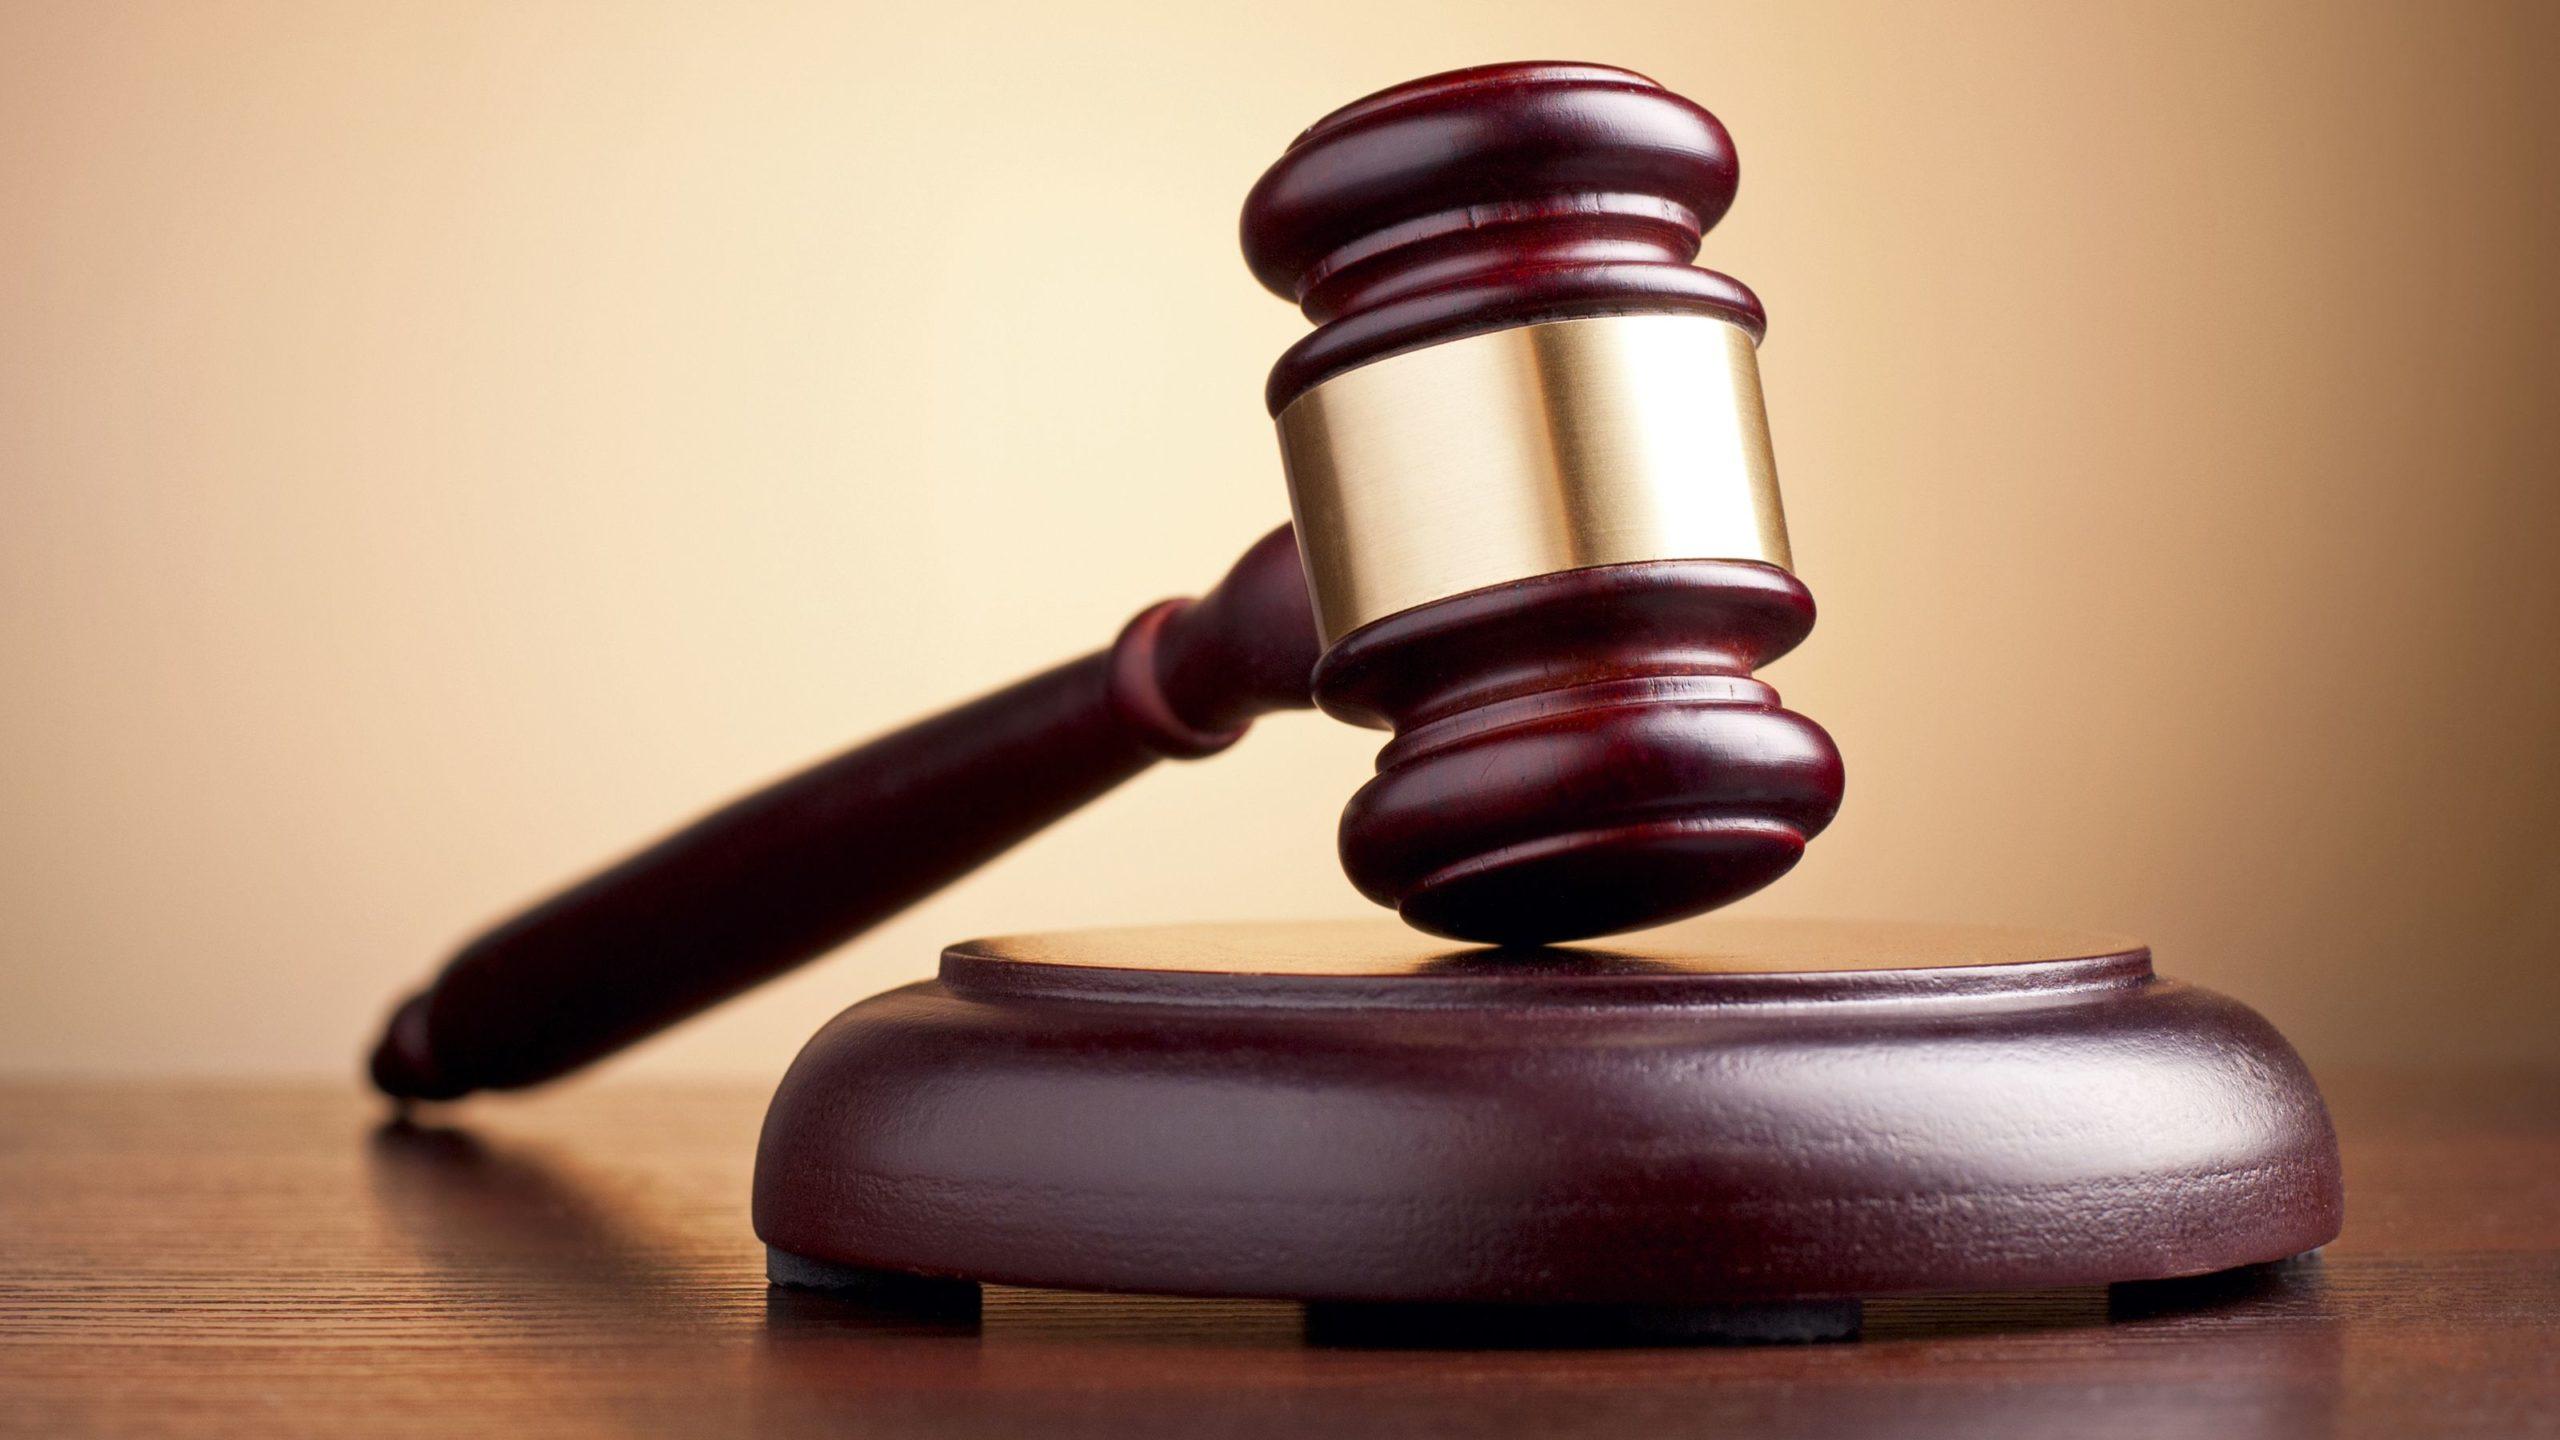 Арест и имущества и взыскание средств со счетов возможны только по решению суда